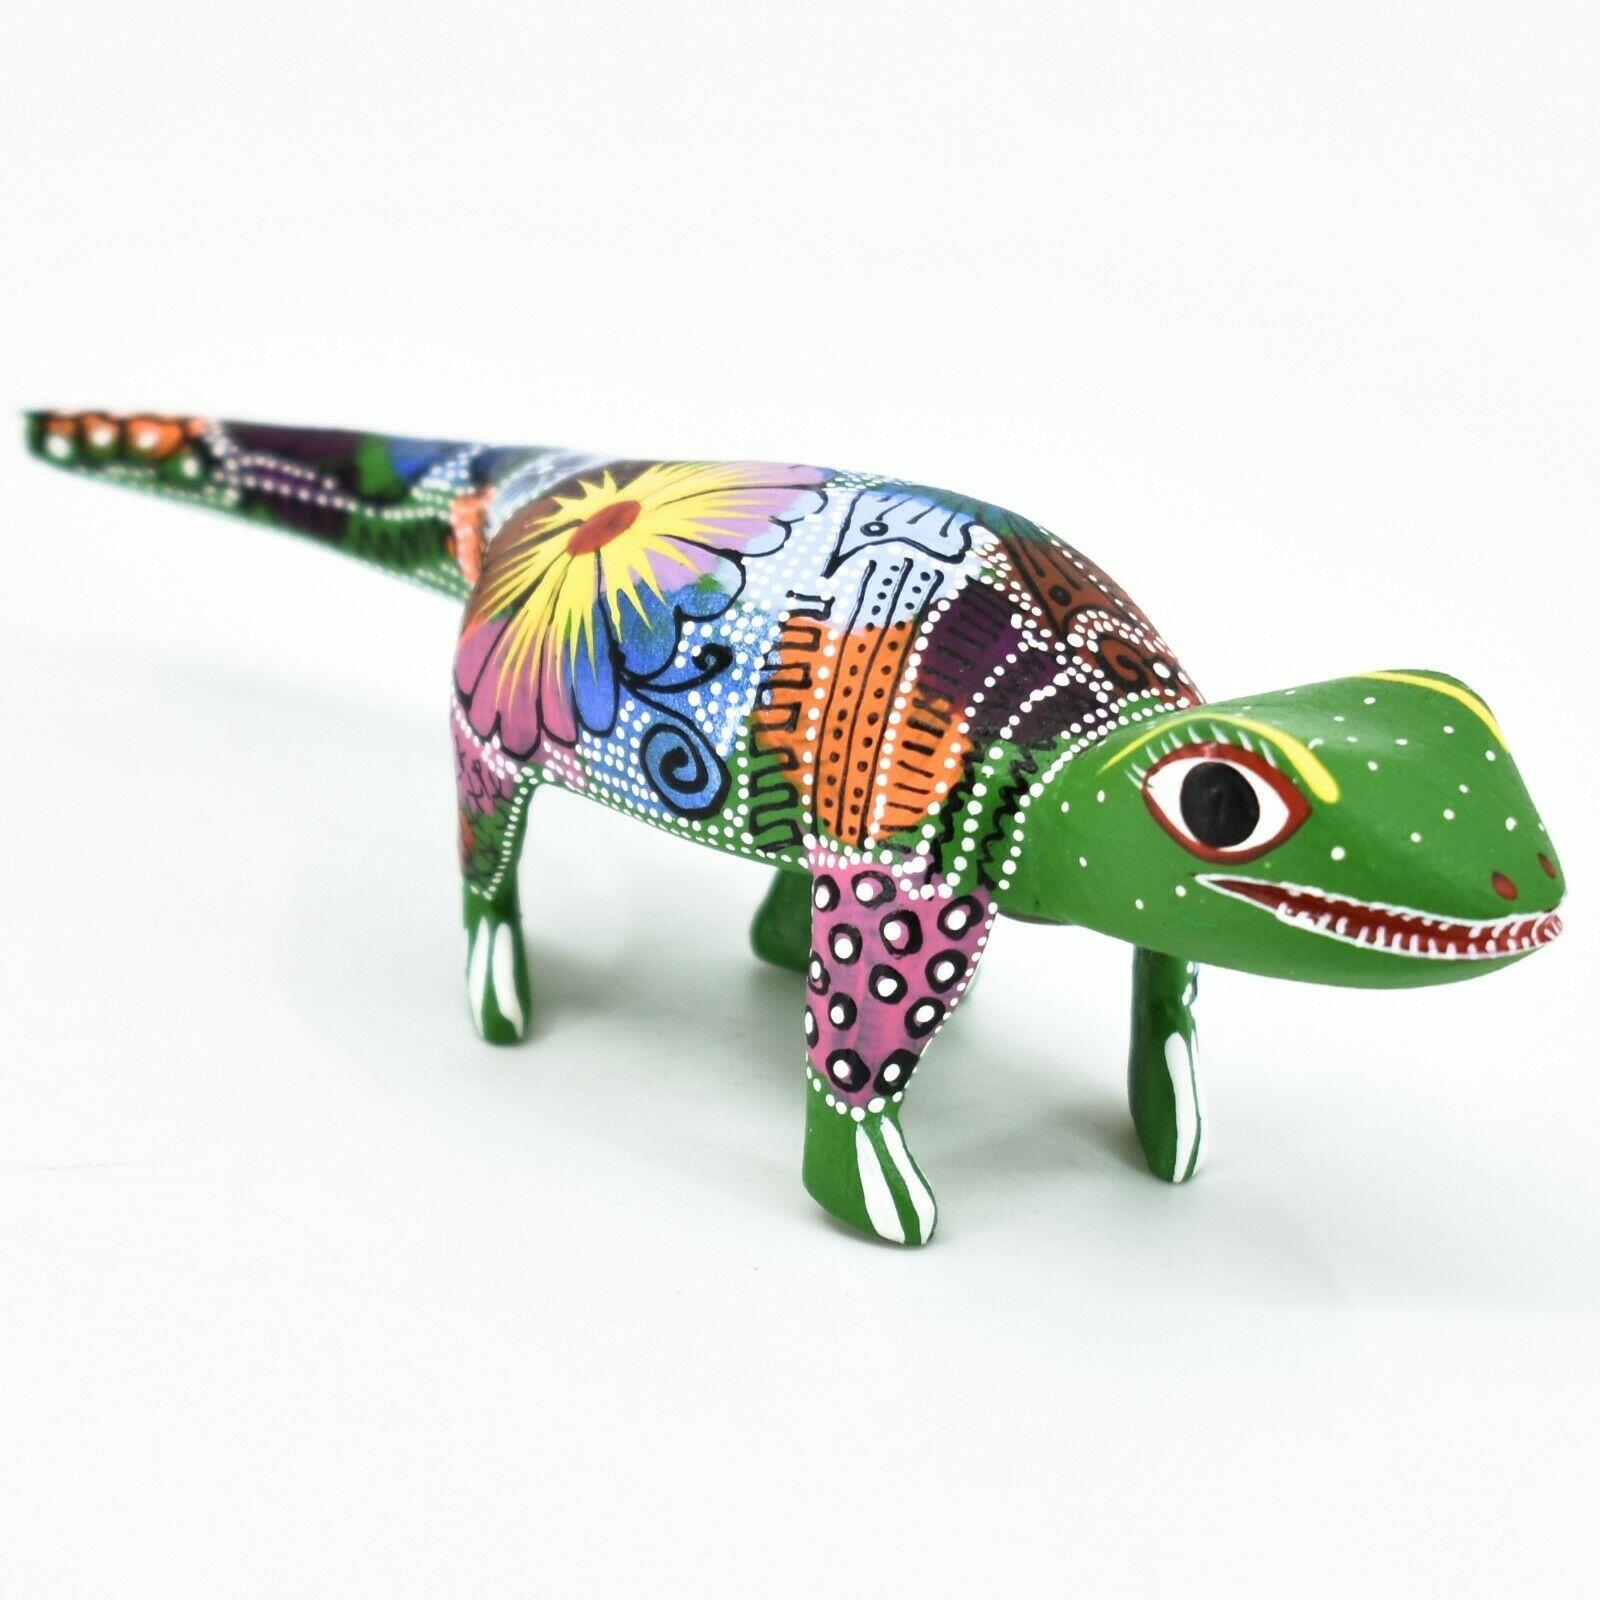 Handmade Alebrijes Oaxacan Wood Carving Painted Folk Art Alligator Figurine